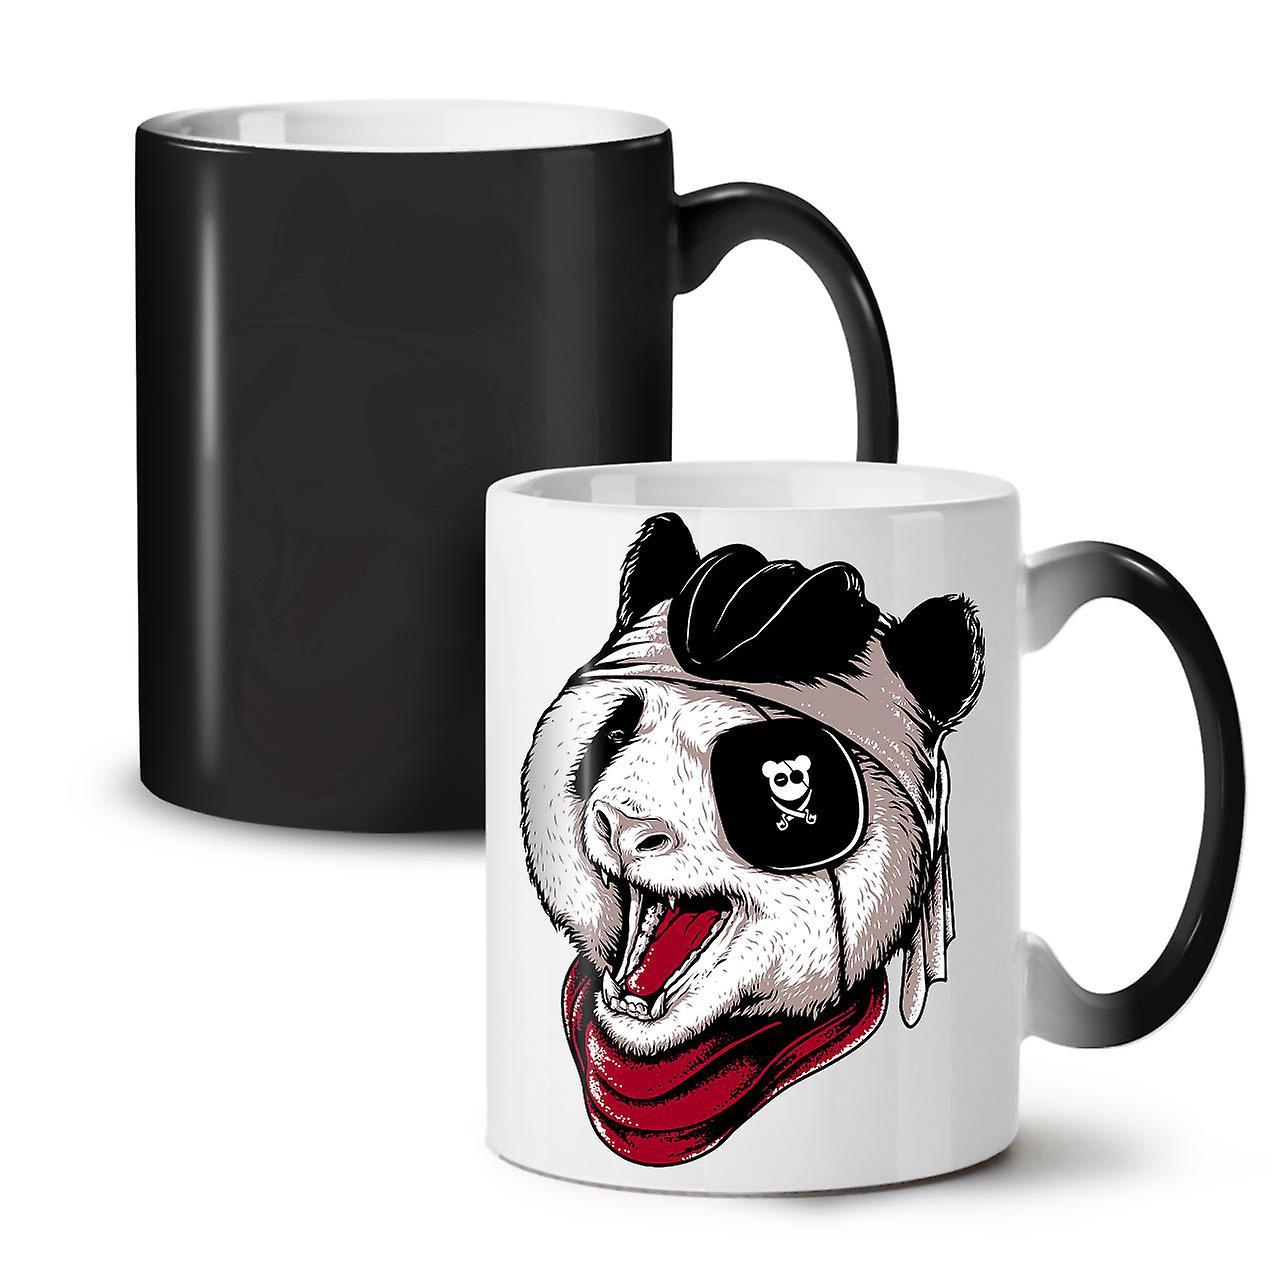 Changeant Tasse Couleur Thé Céramique Nouveau 11 Animaux Pirate De Café OzWellcoda Mal Panda Noir srhdCtQ